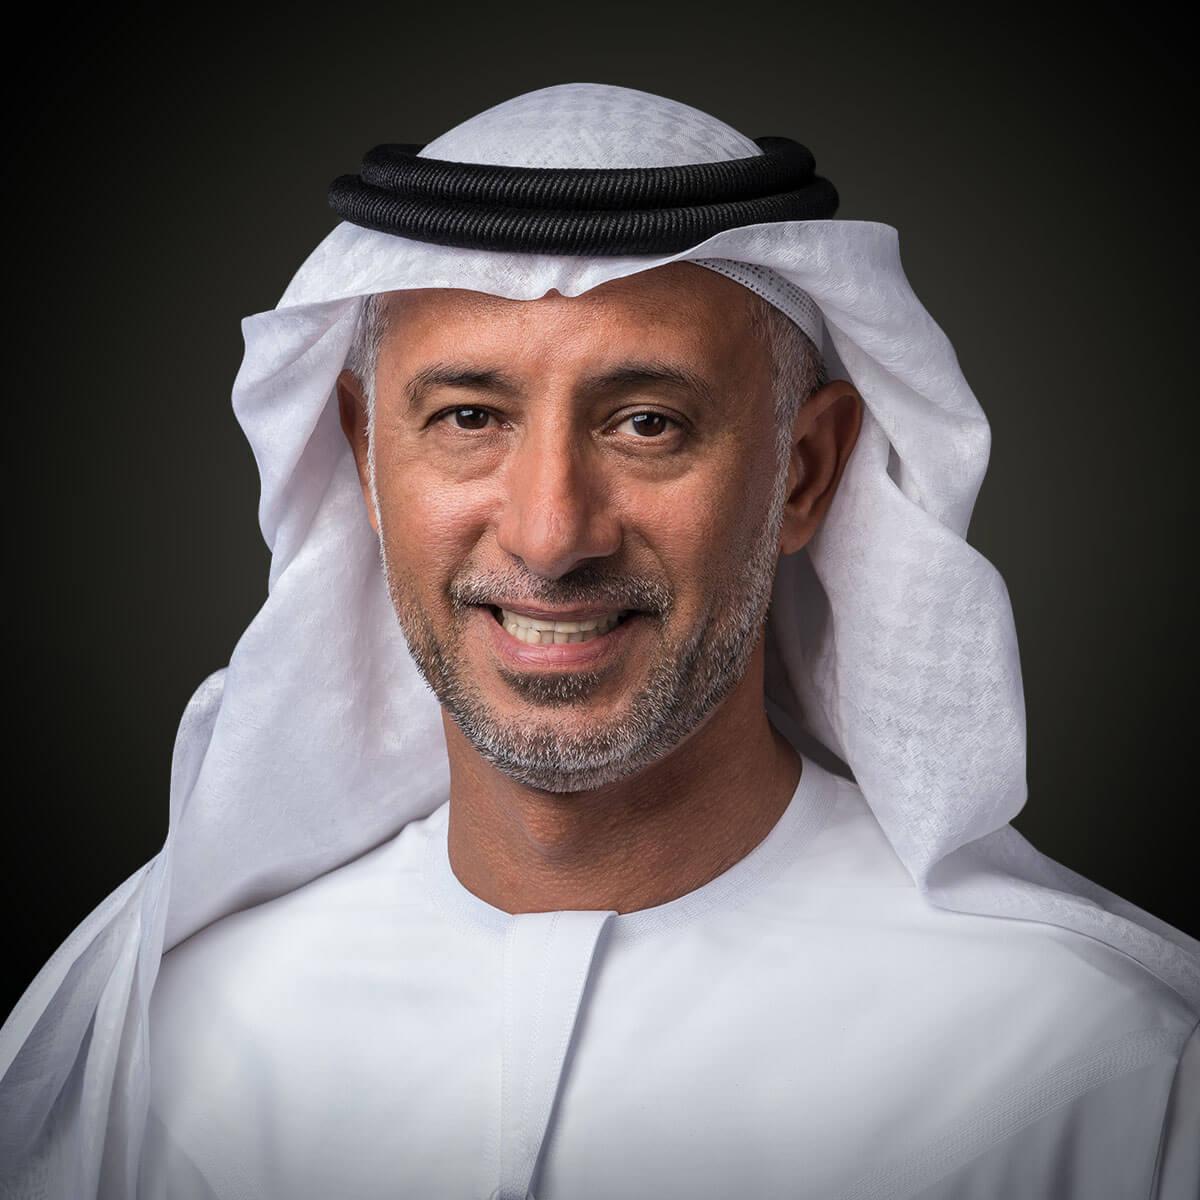 Mohamed & Obaid Almulla Group